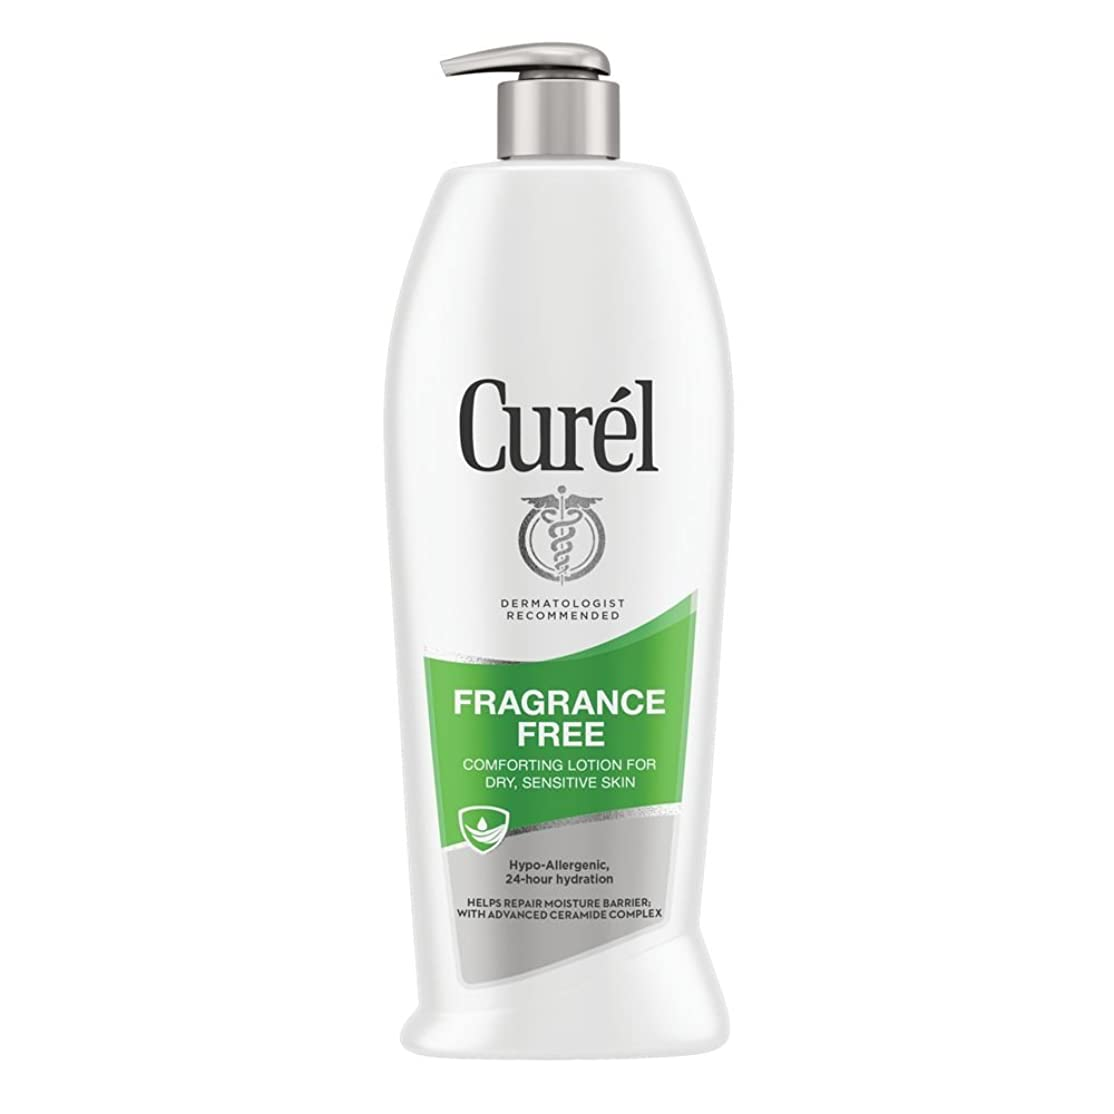 優雅なねばねばパキスタン人キュレル ボディローション 591ml 無香料 敏感肌用 セラミドセラピー Curel FRAGRANCE FREE